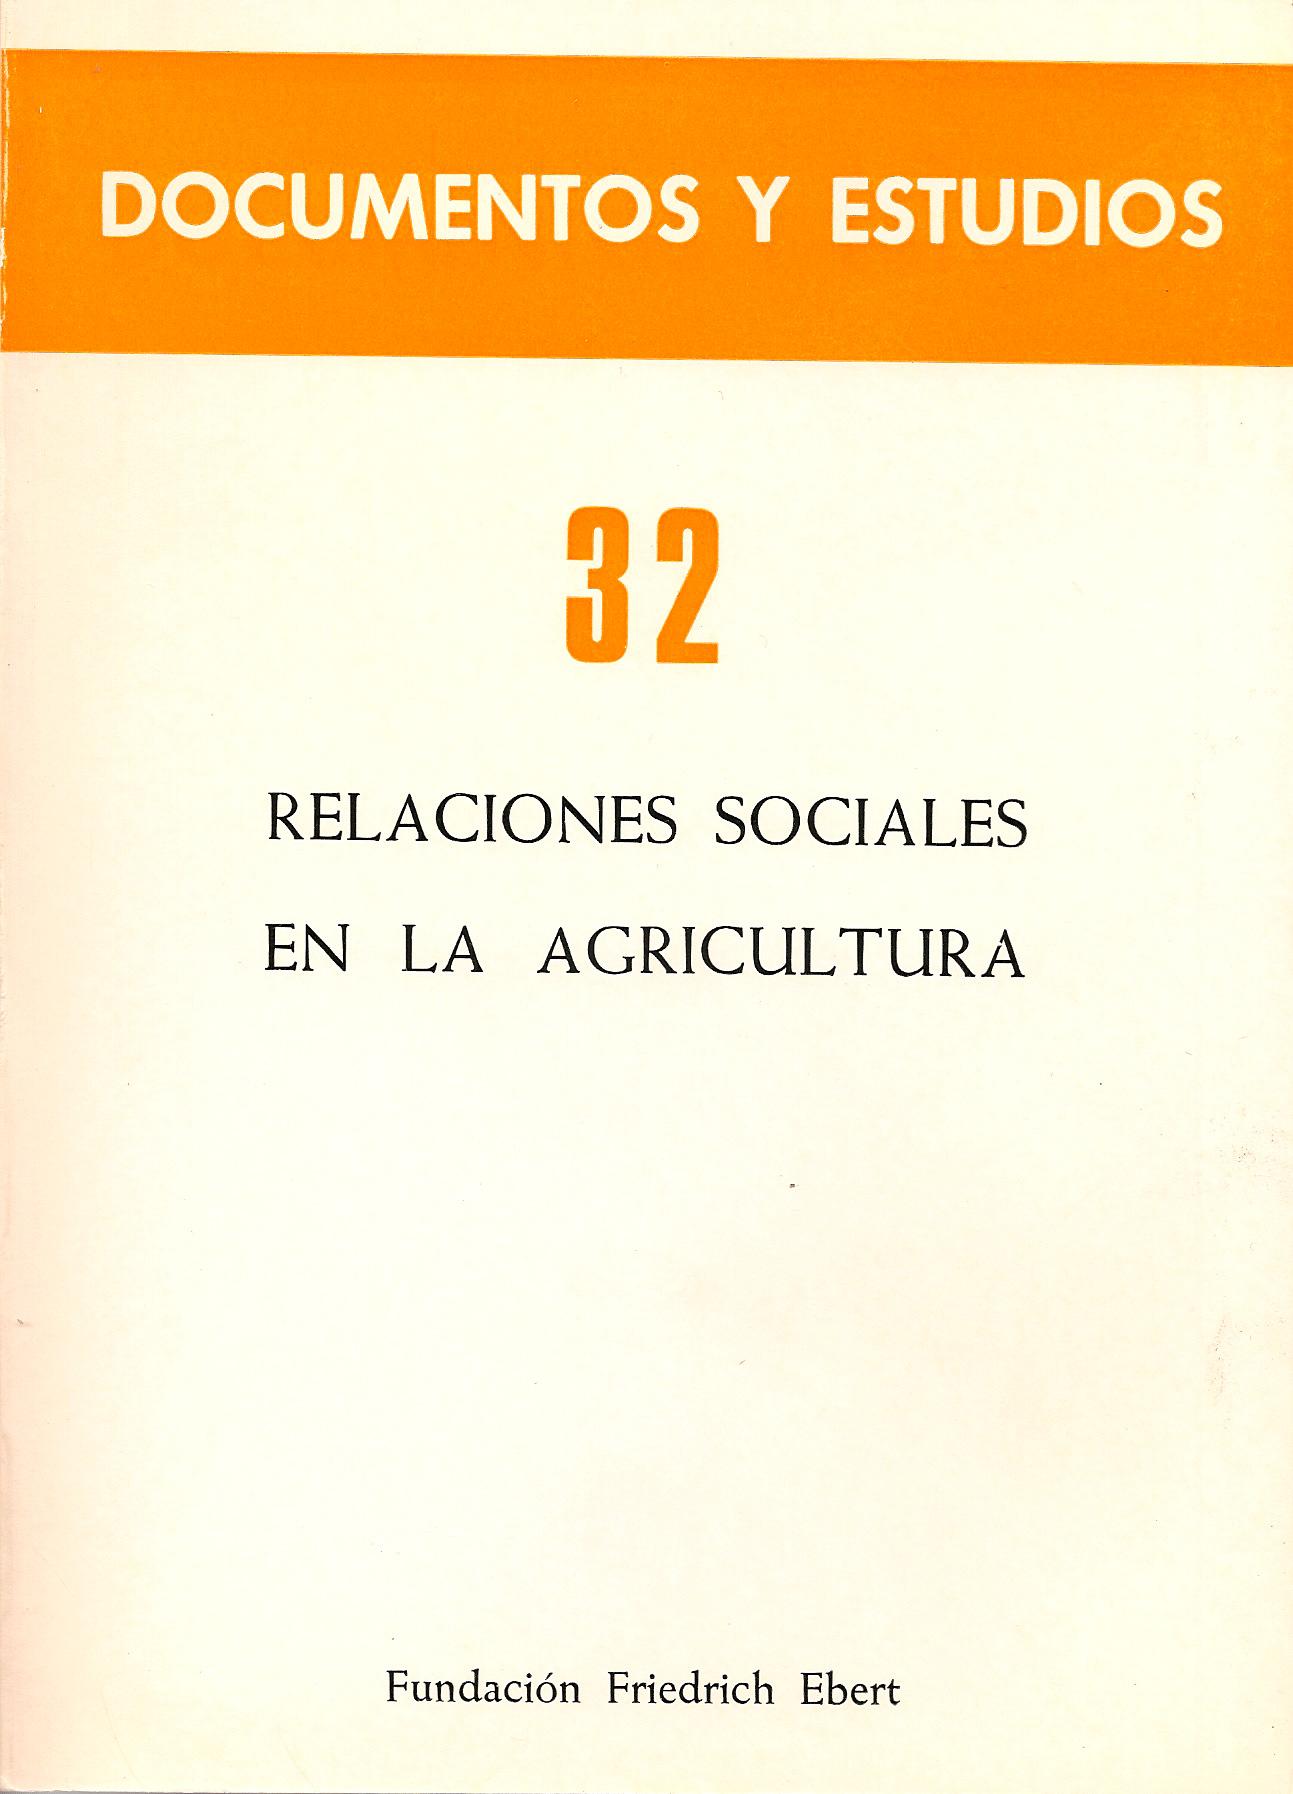 Relaciones sociales en la agricultura